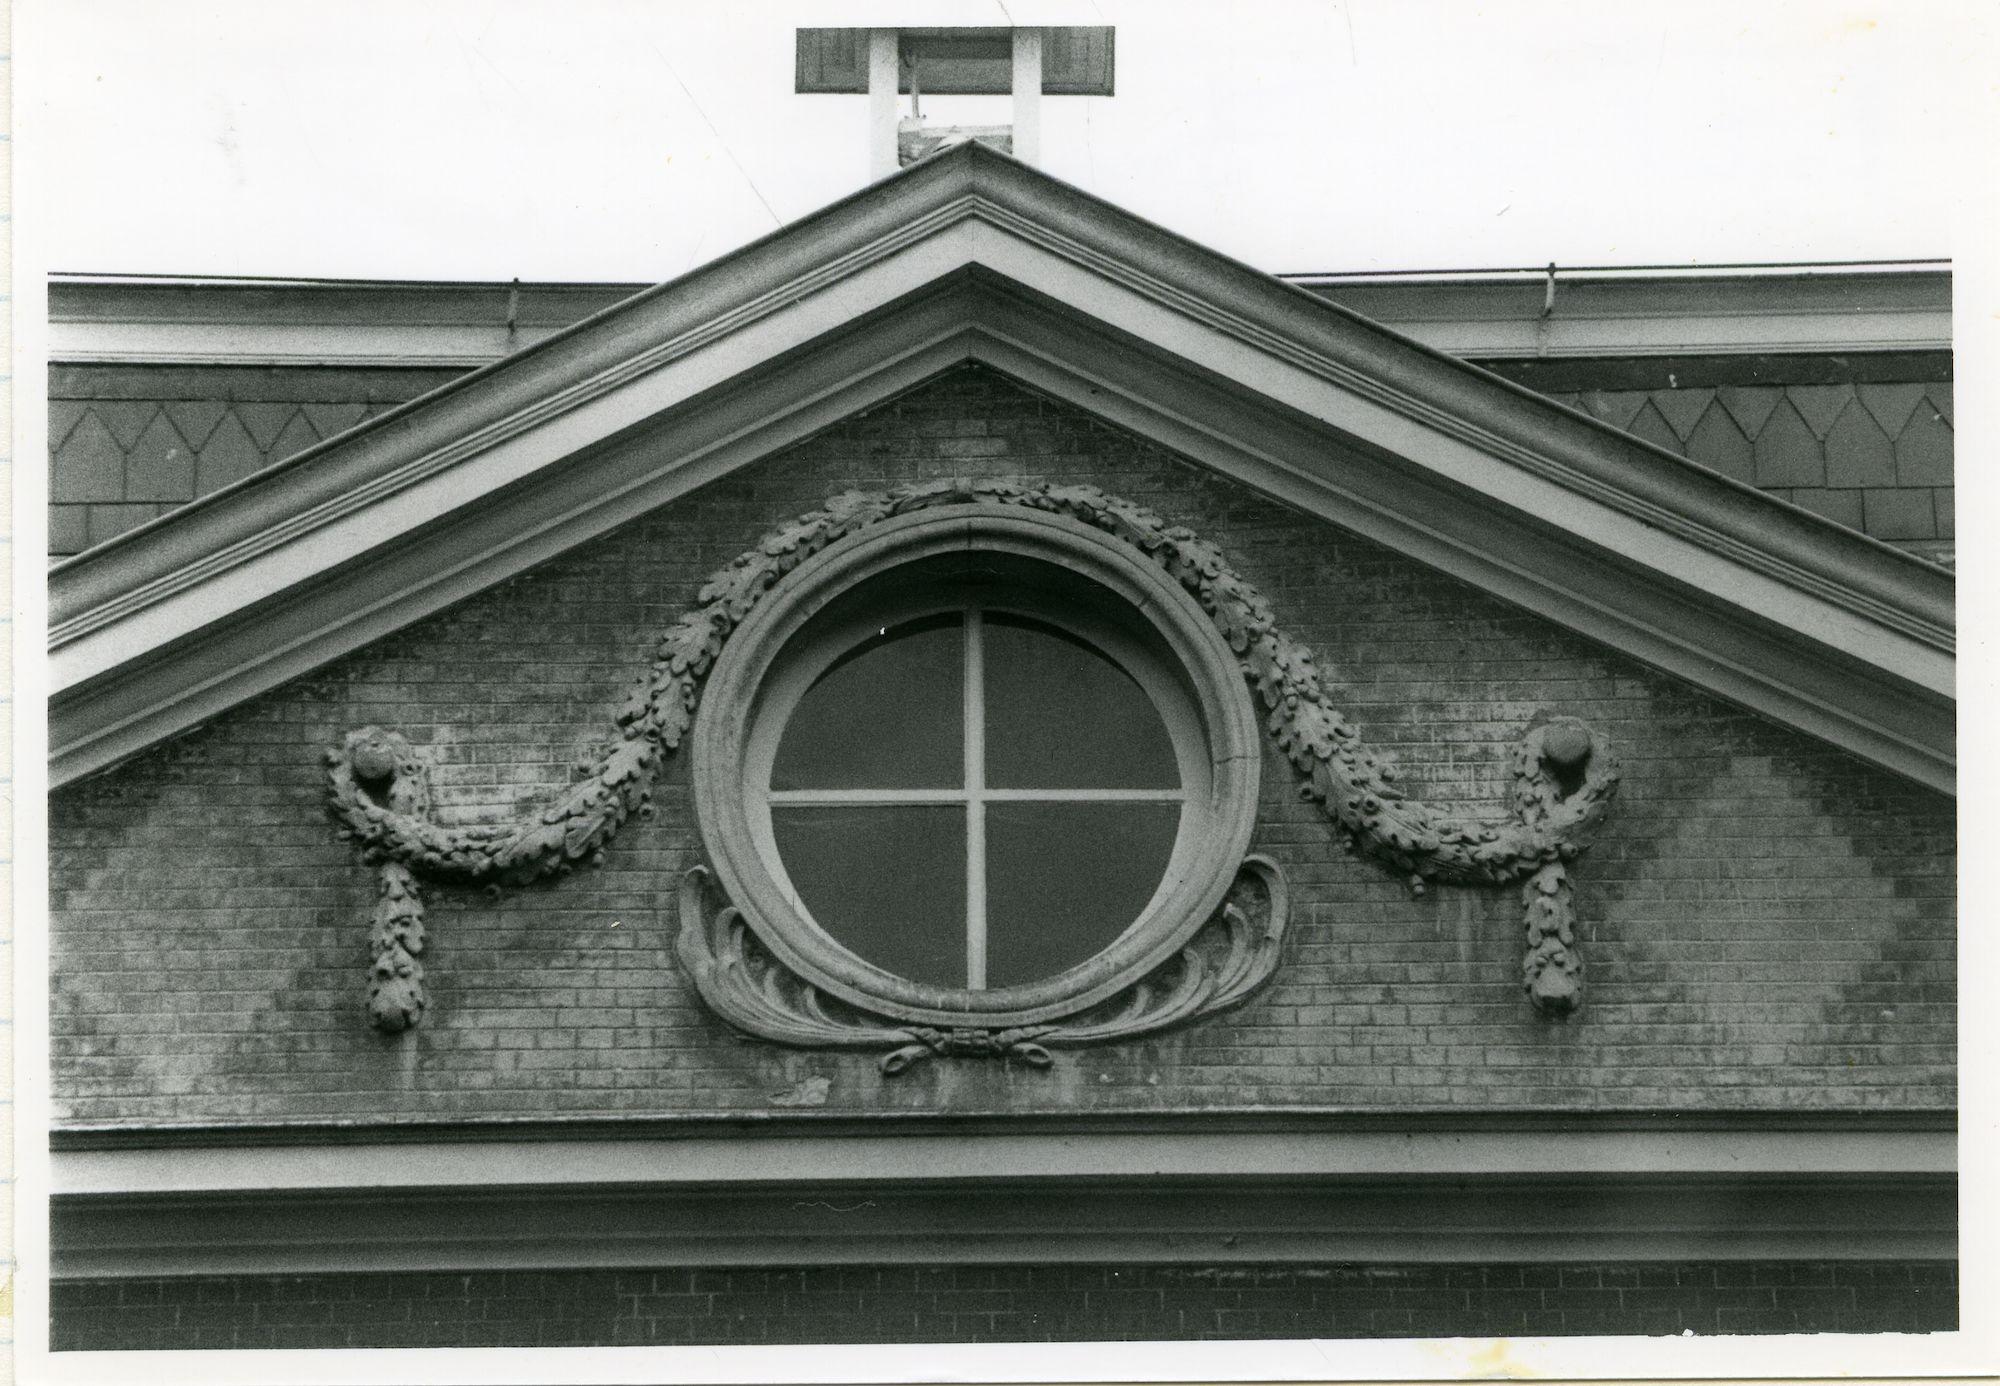 Drongen: Sint-Gerolfstraat 32: Kasteel van Boessinghien